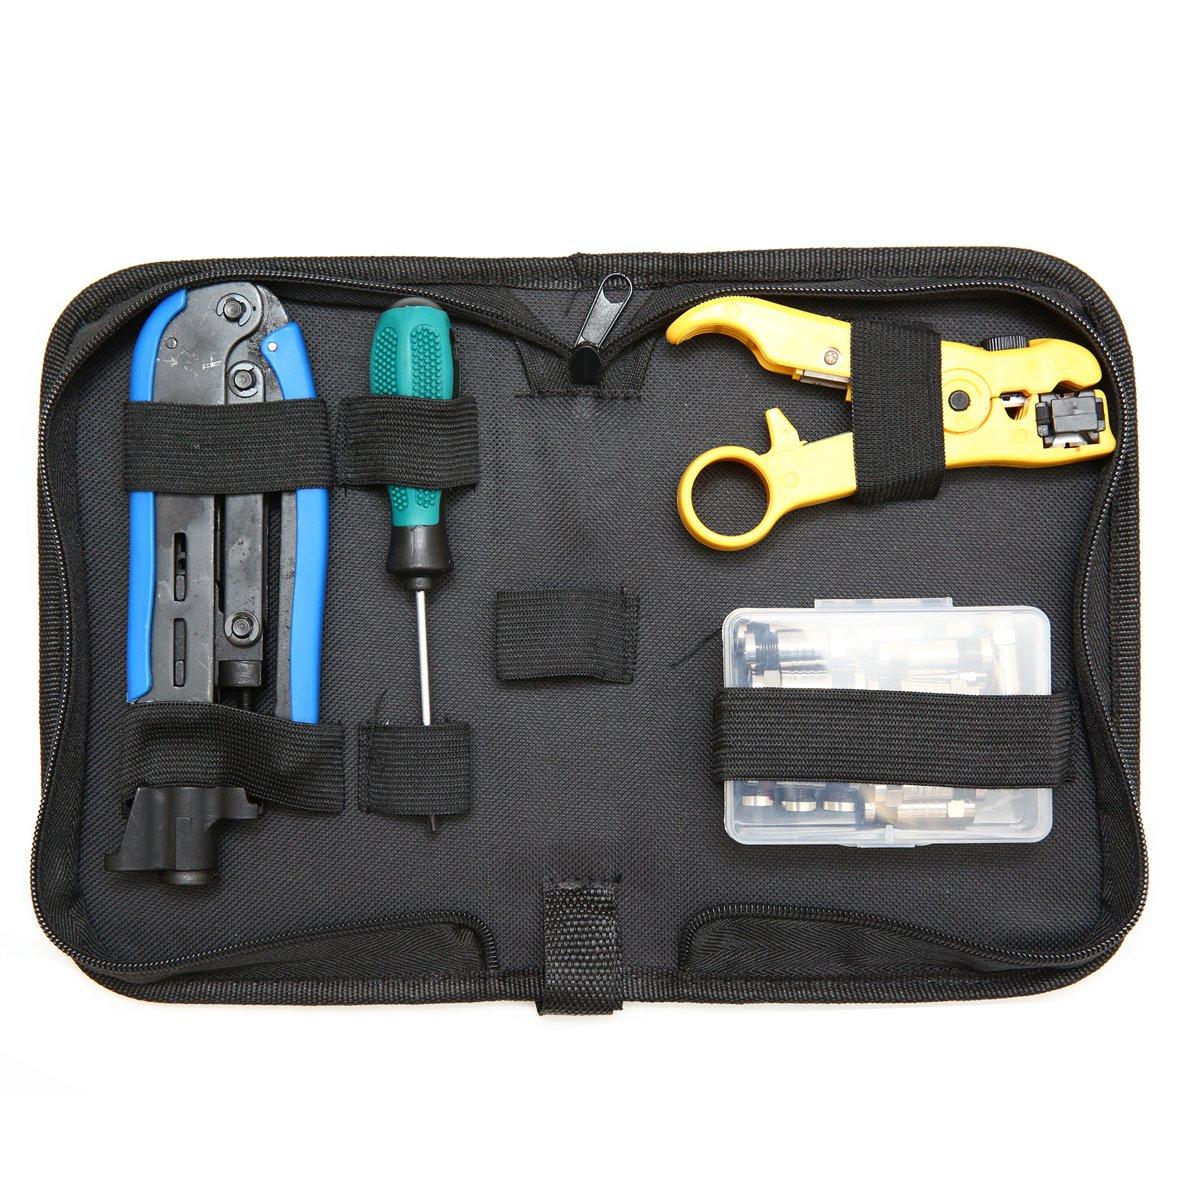 Coax Cable Crimper Kit, Compression Tool Coax Cable Crimper Kit, Adjustable RG6 RG59 RG11 75-5 75-7 Coaxial Cable Stripper with 20 PCS F Compression Connectors